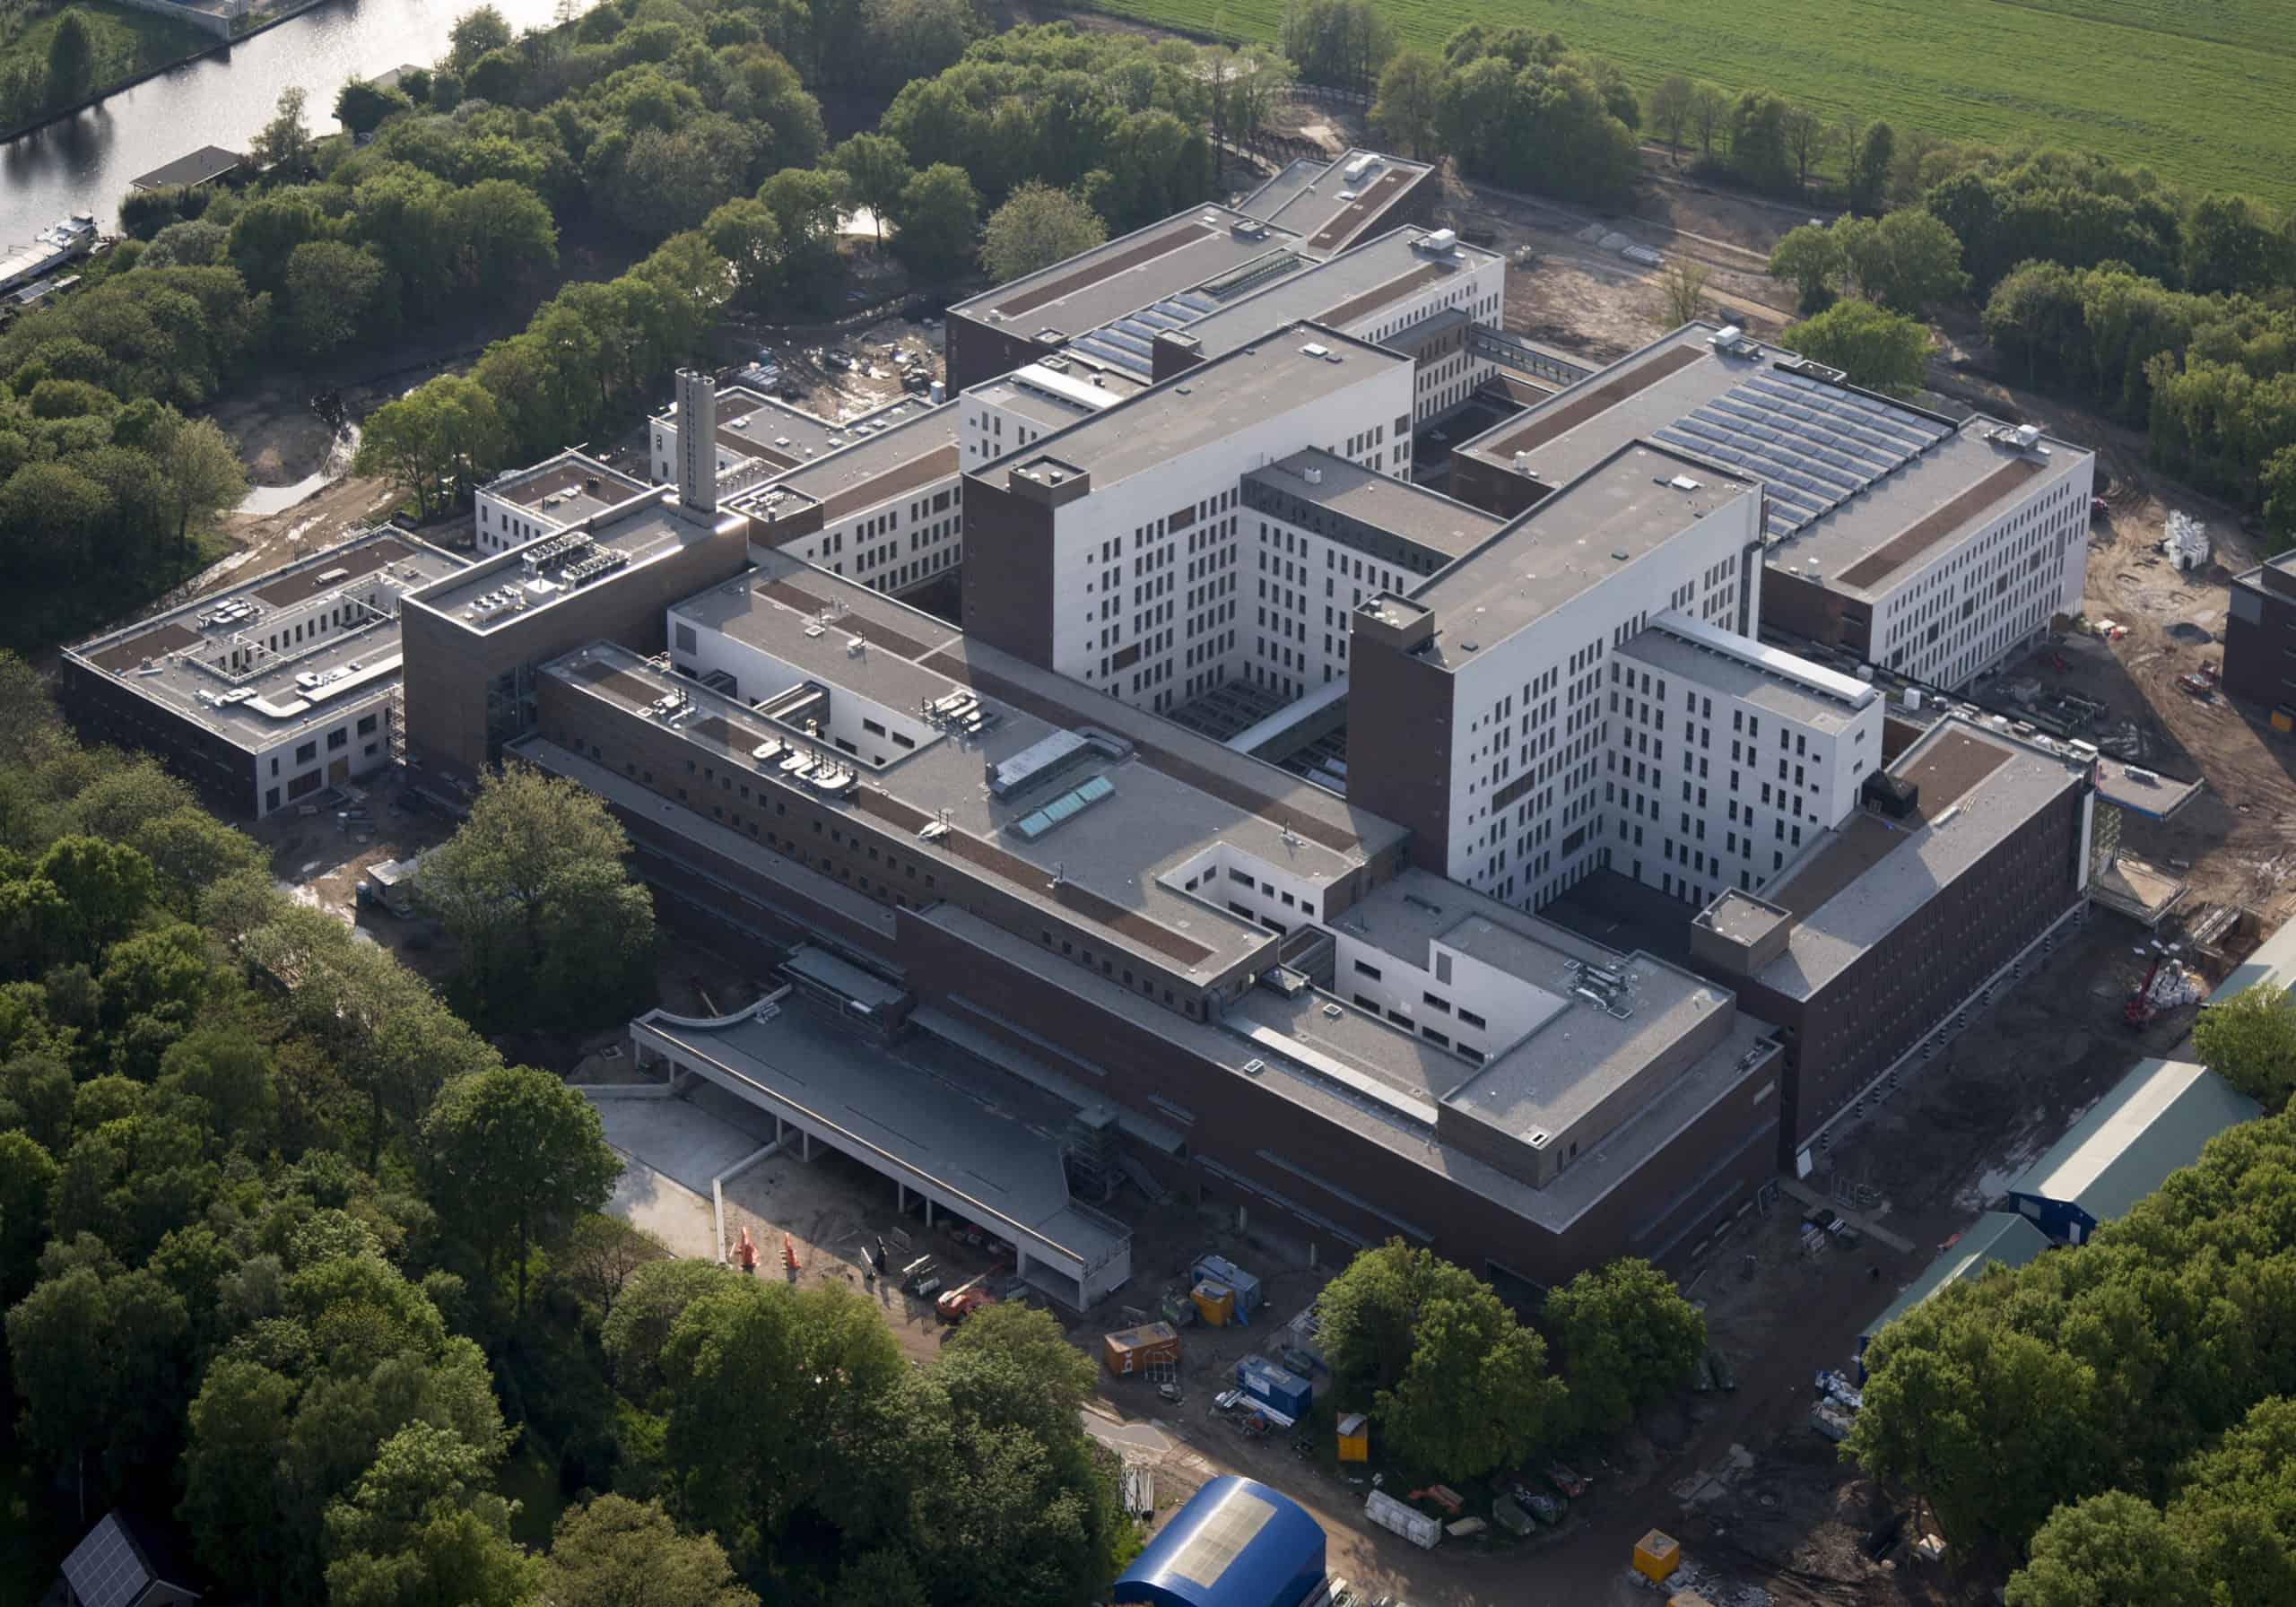 Luchtfoto-Meander-Ziekenhuis2-1-scaled